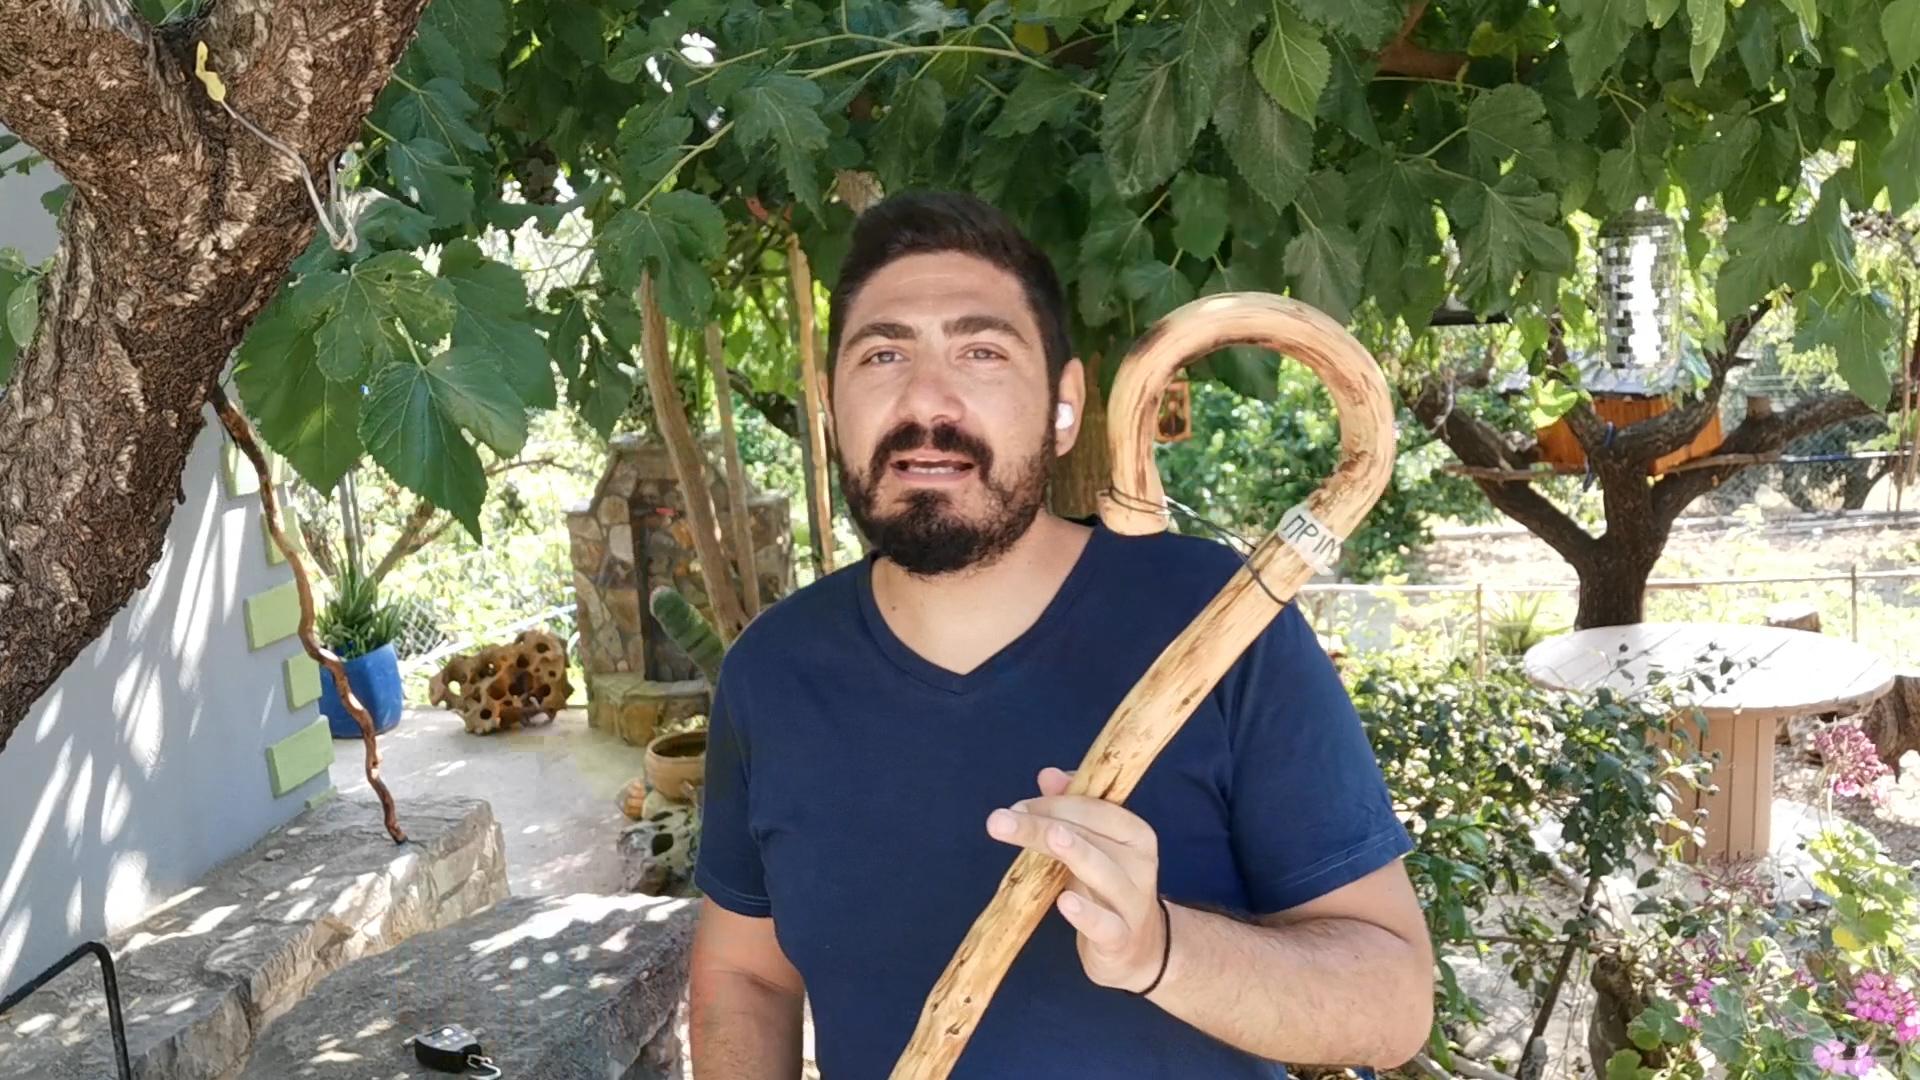 Κλασικό Χειροποίητο κρητικό μπαστούνι απο ξύλο πρίνου. Ανθεκτικό για κάθε χρήση!